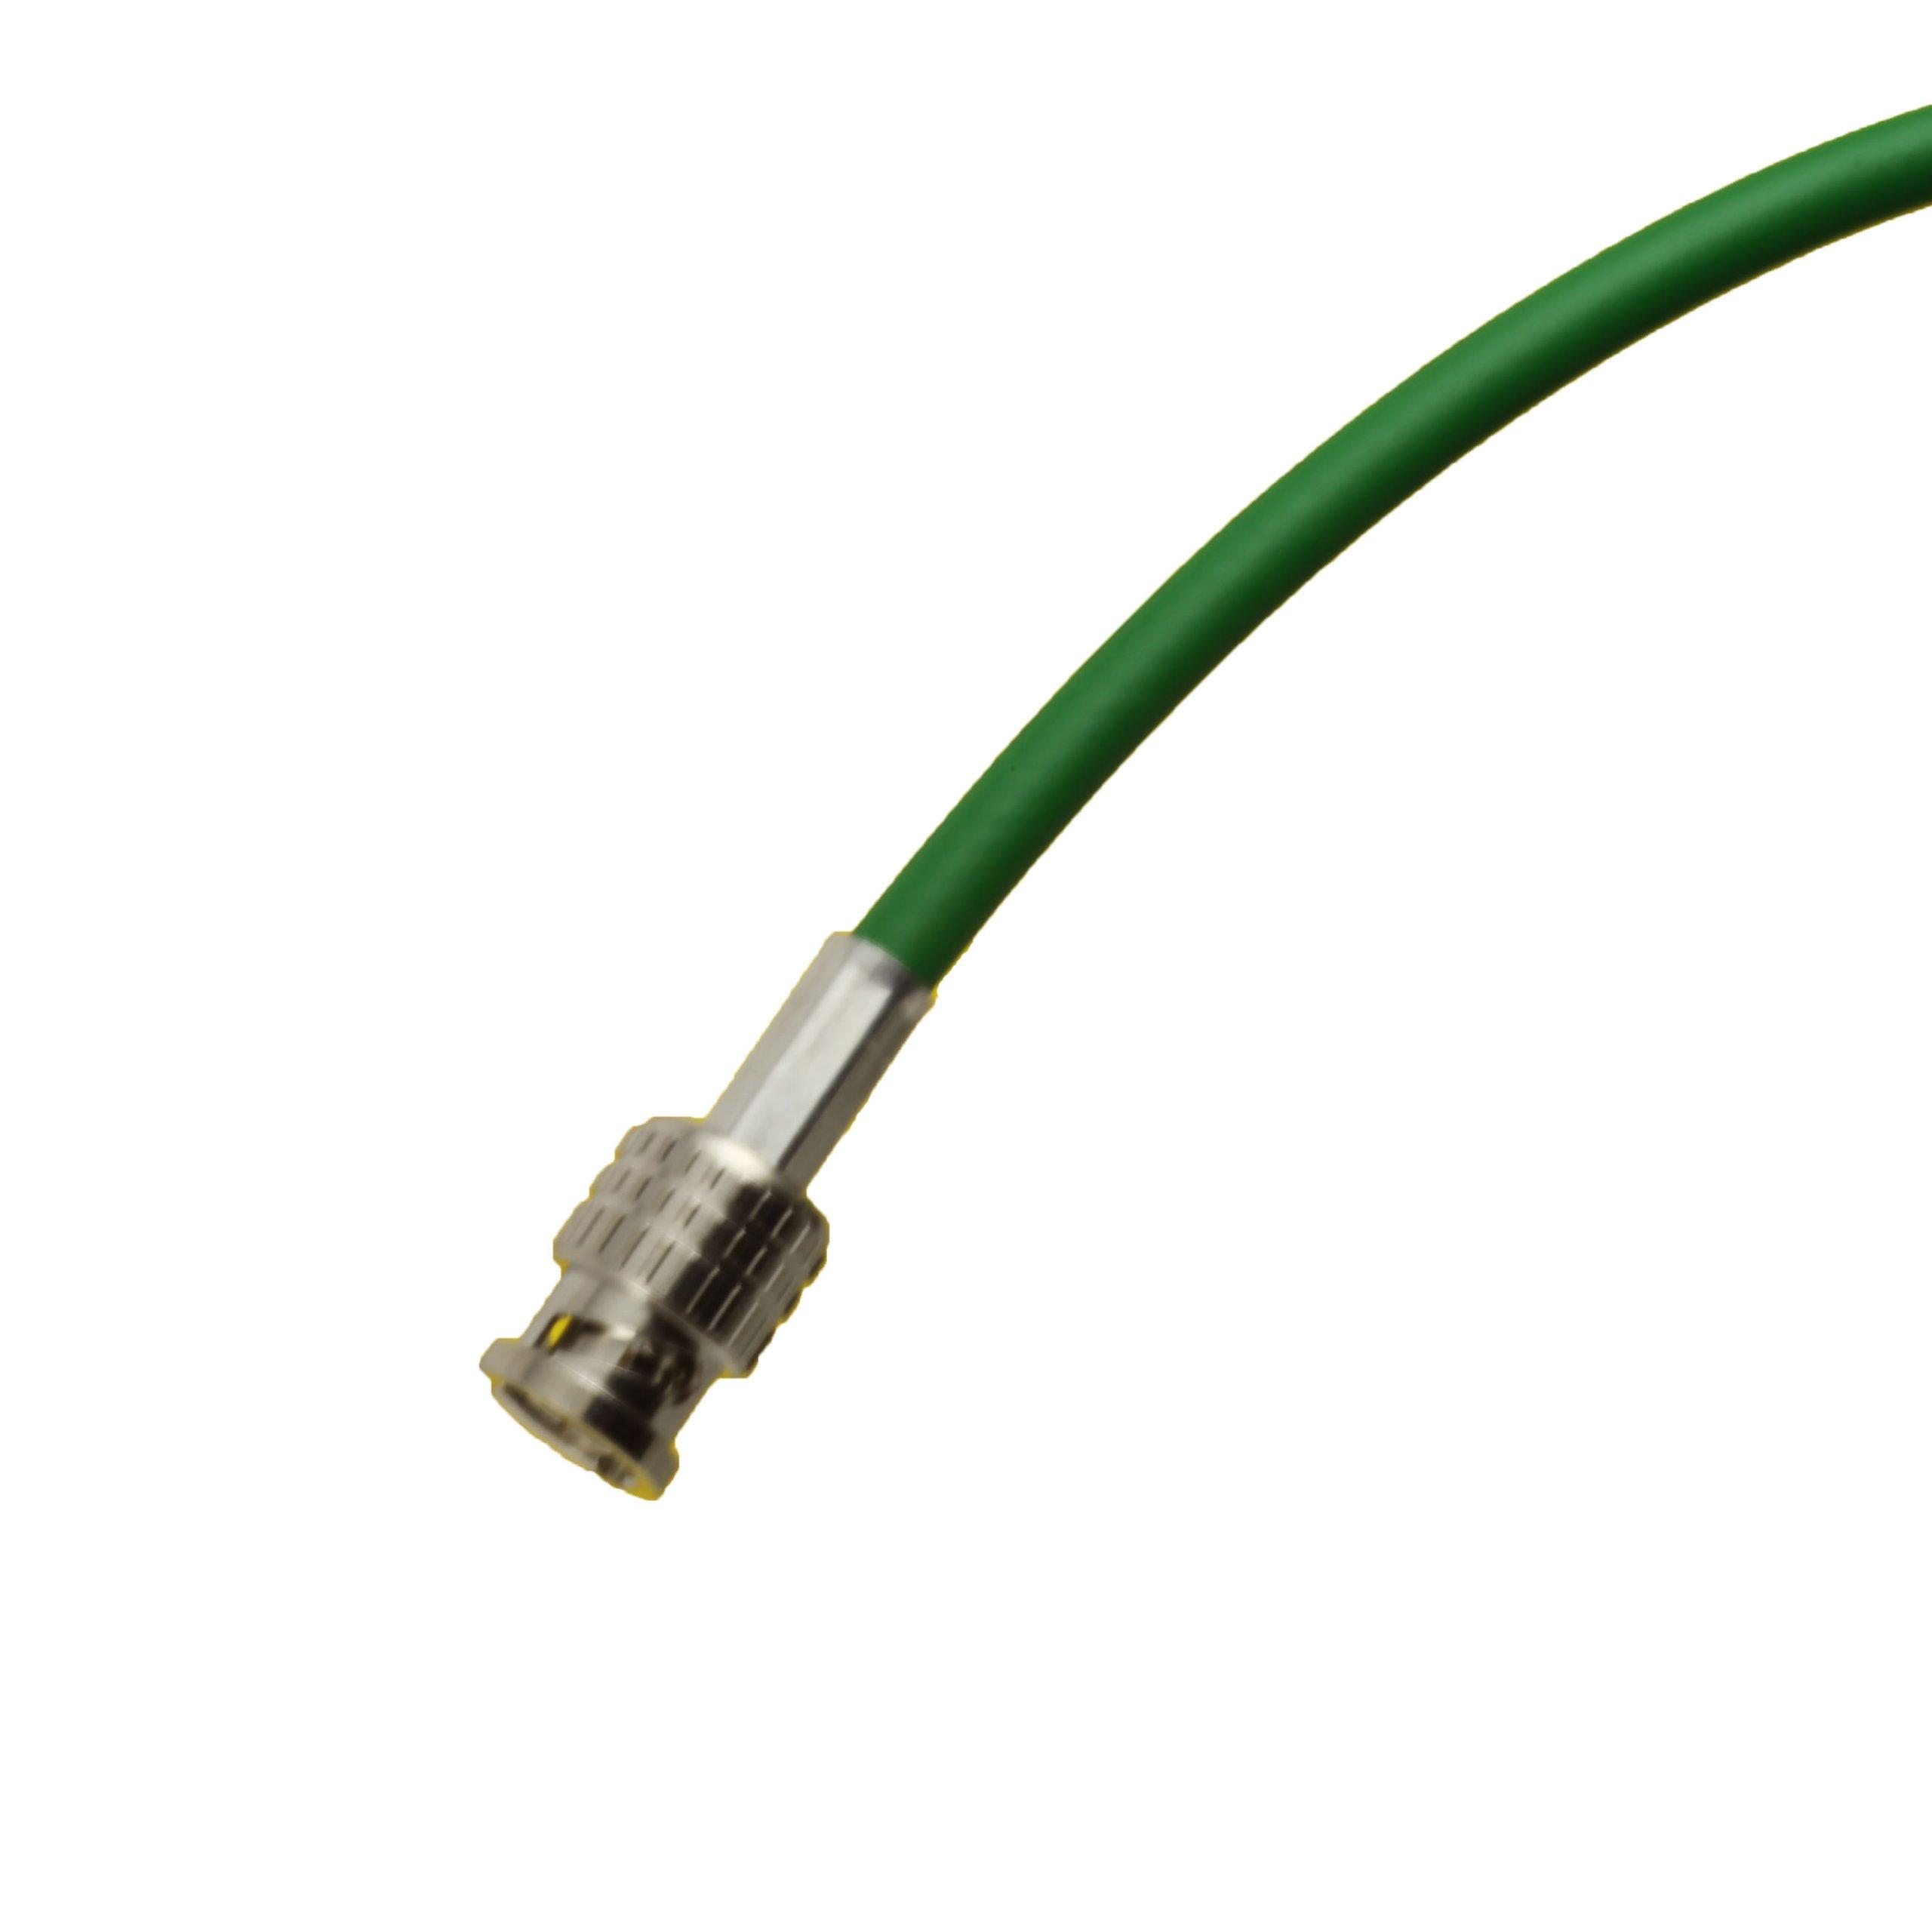 15 foot Green BJC High-flex 3G/6G HD SDI patch cable (Belden 1505F), BNC to BNC